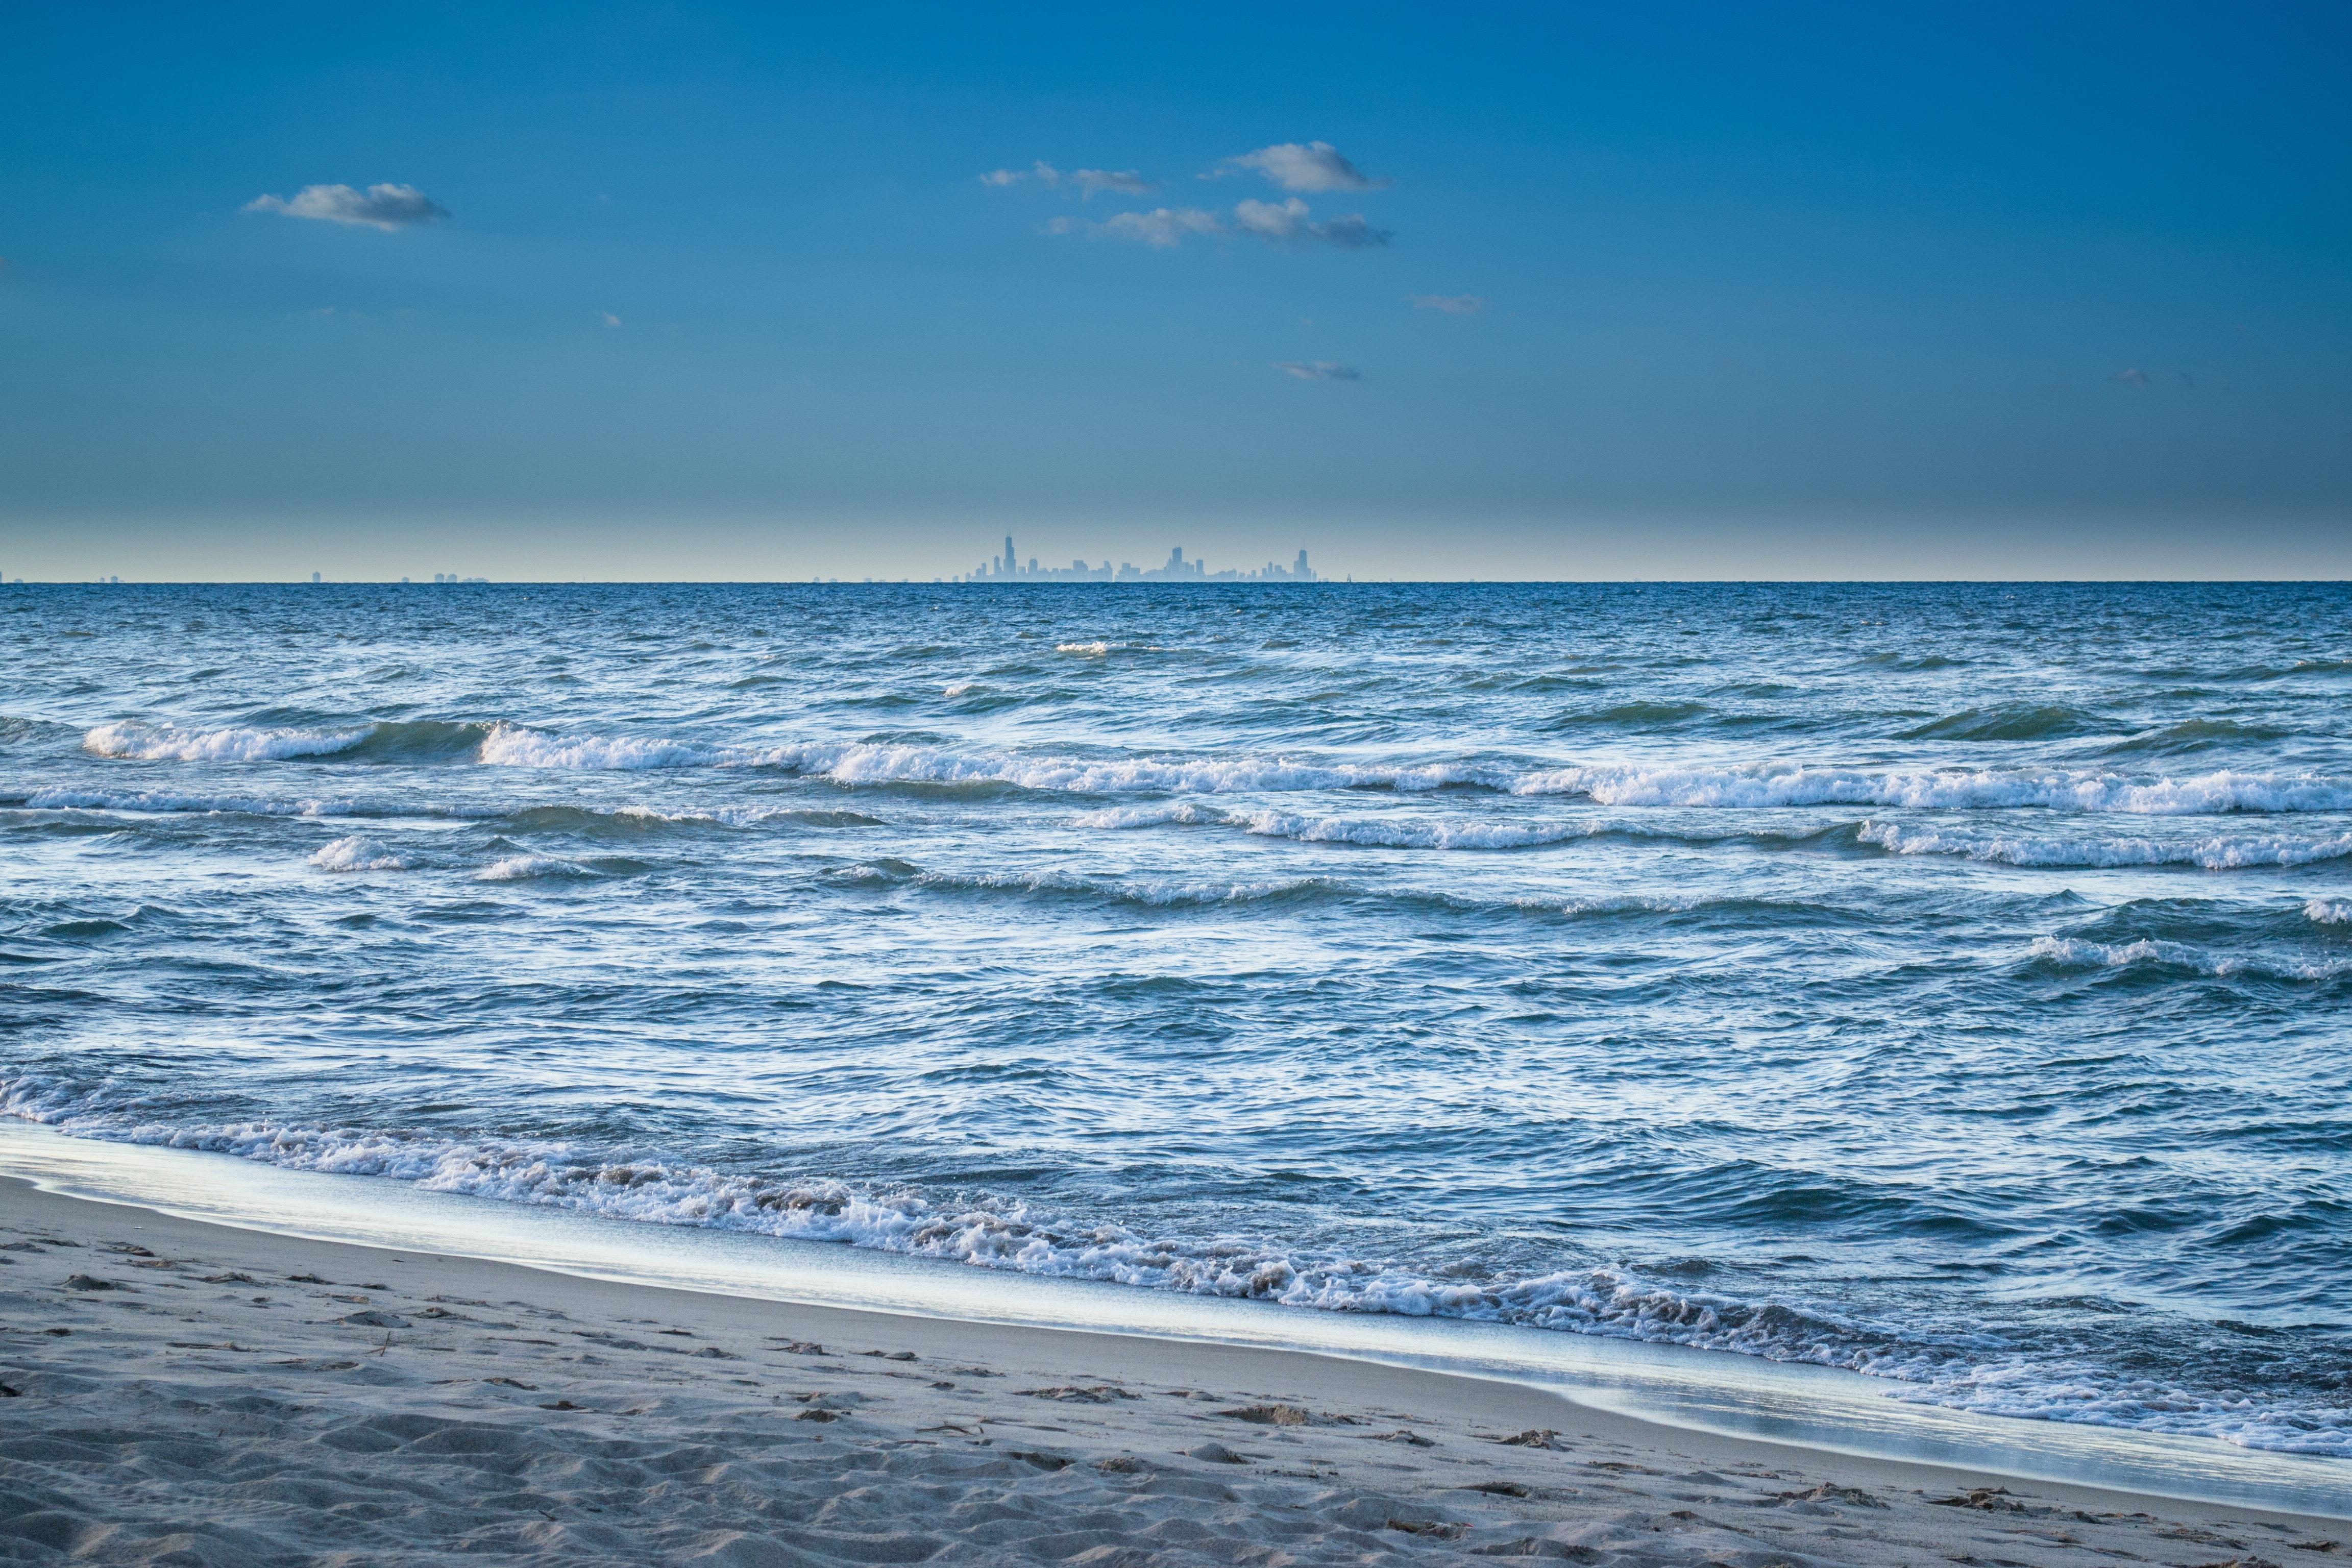 Sea Waves, Beach, Sea, Waves, Water, HQ Photo